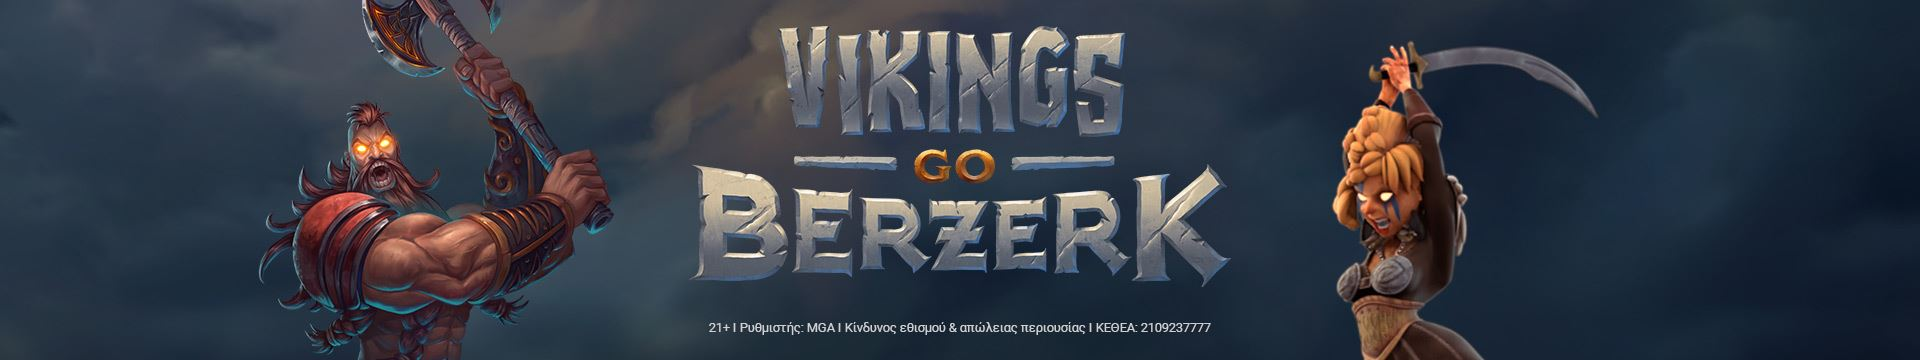 Vikings_Go_Berzerk